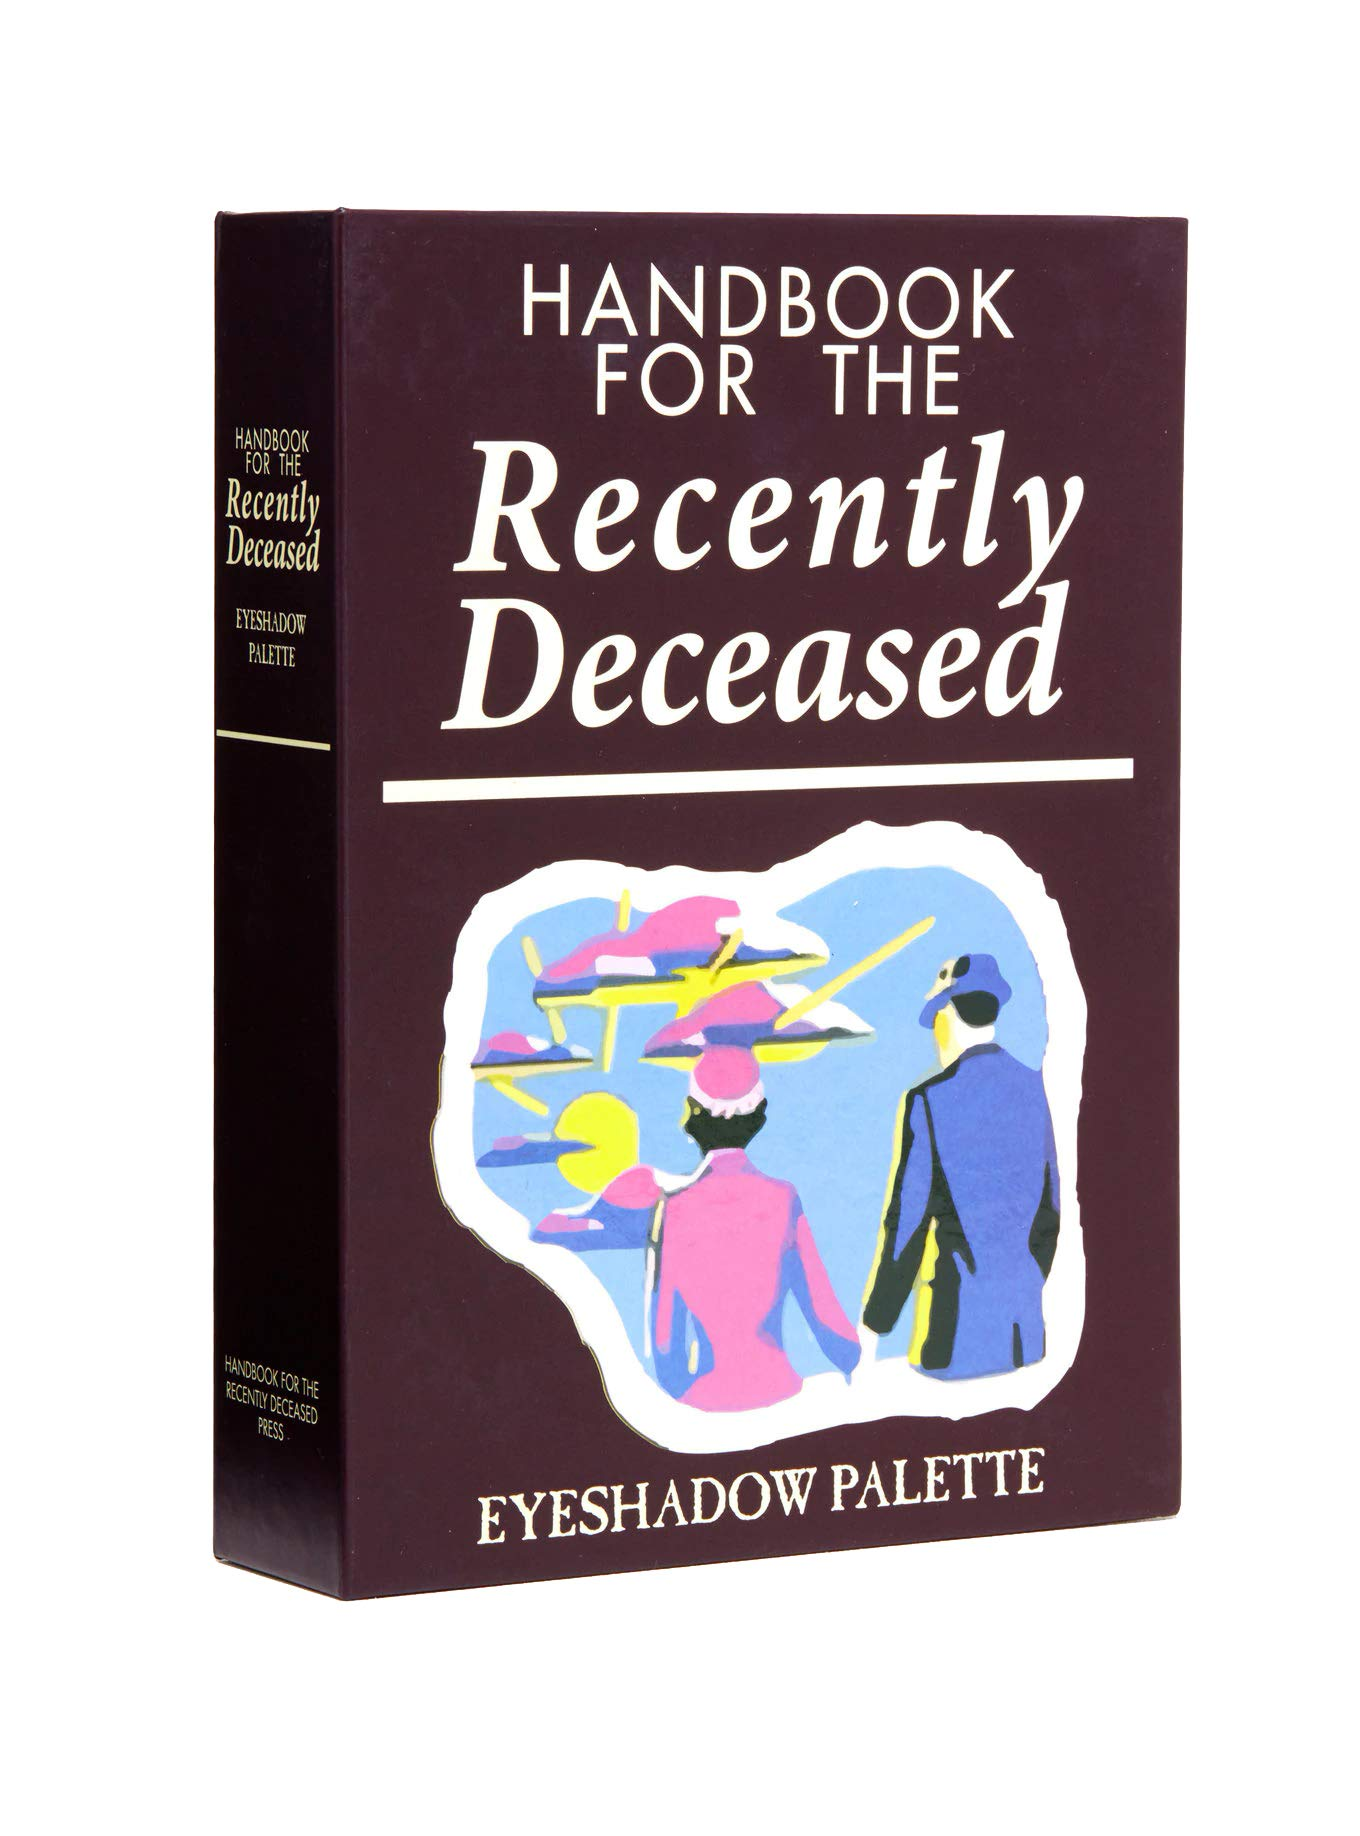 Beetlejuice Handbook For The Recently Deceased Eyeshadow Palette by Spirit